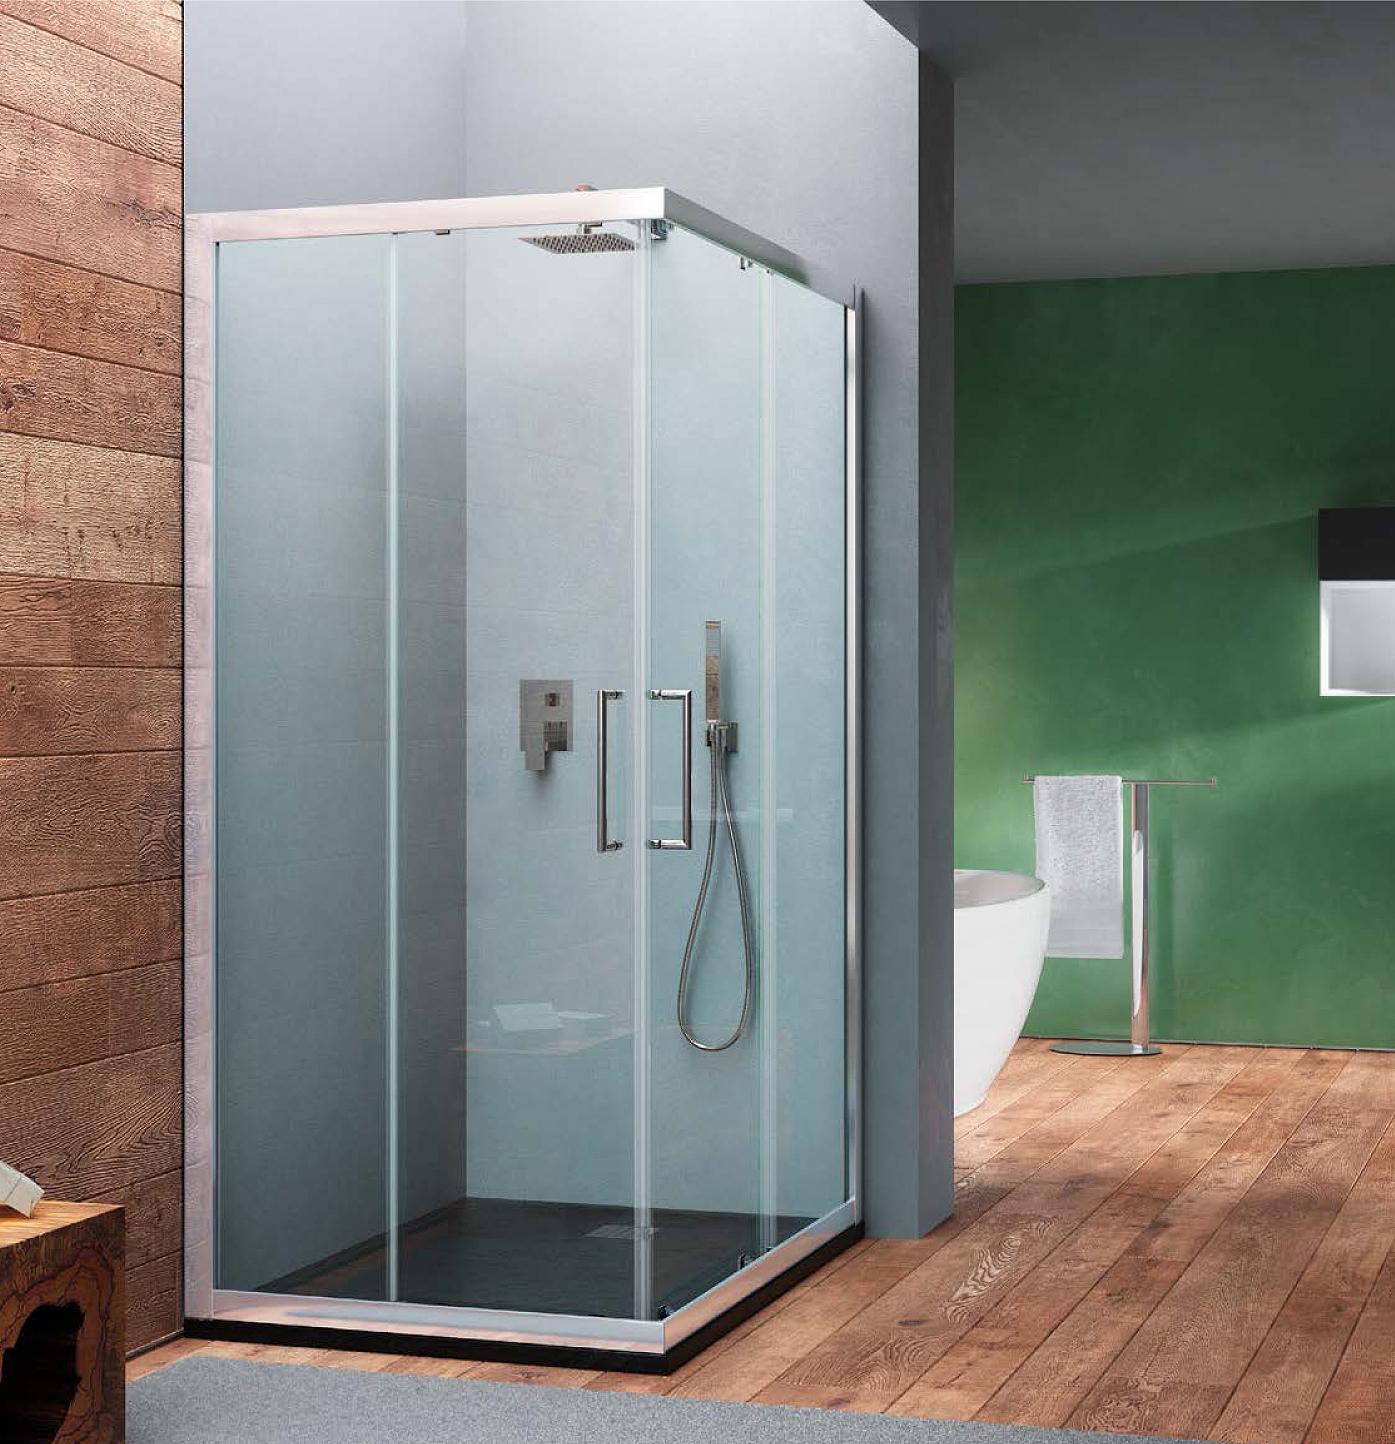 Box doccia angolare rettangolare in cristallo temperato trasparente 6 mm HERA